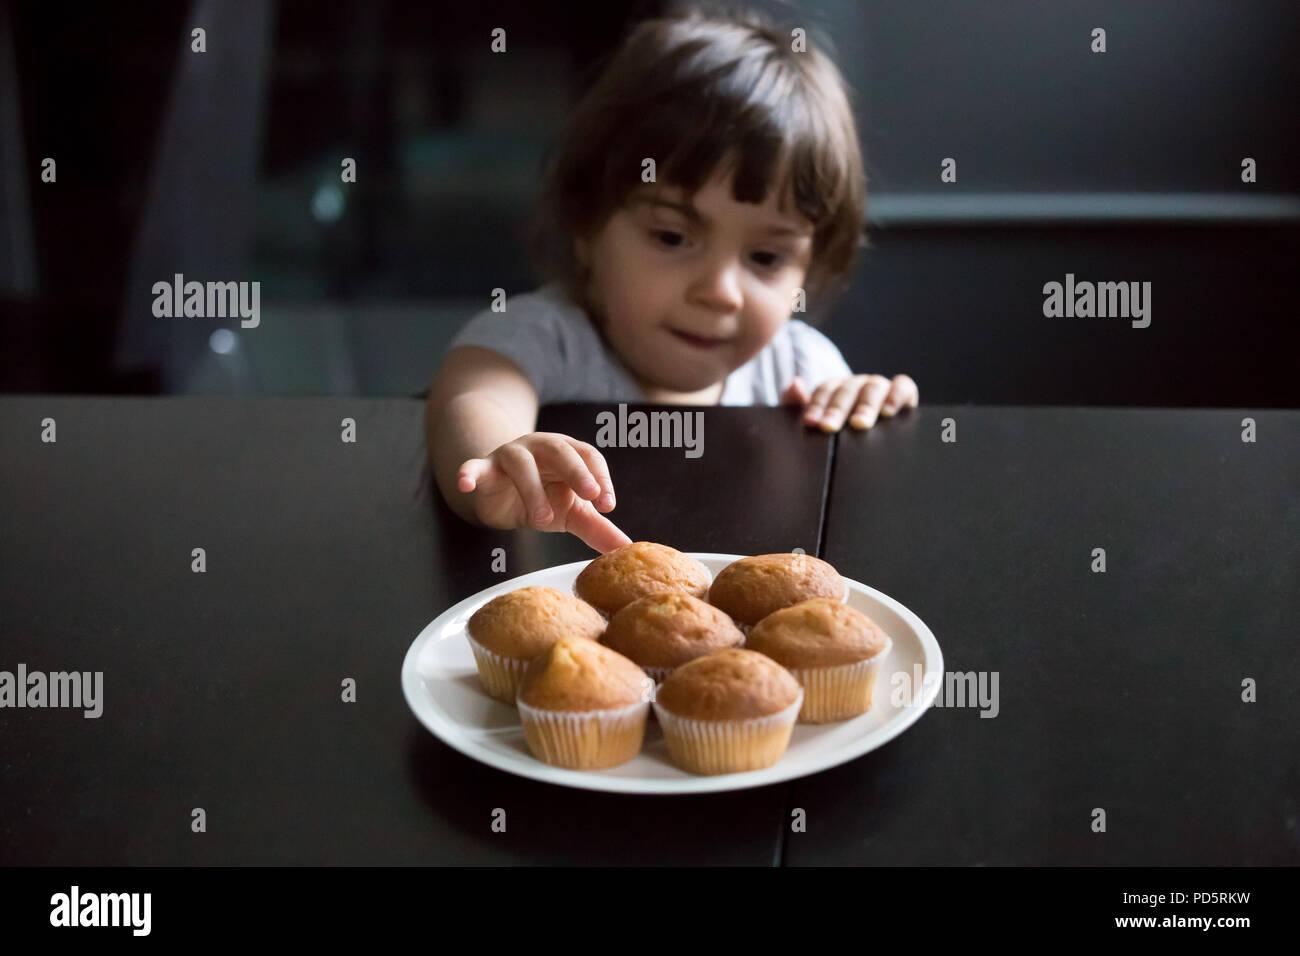 Carino ragazzina curiosa raggiungendo i muffin sul tavolo Immagini Stock